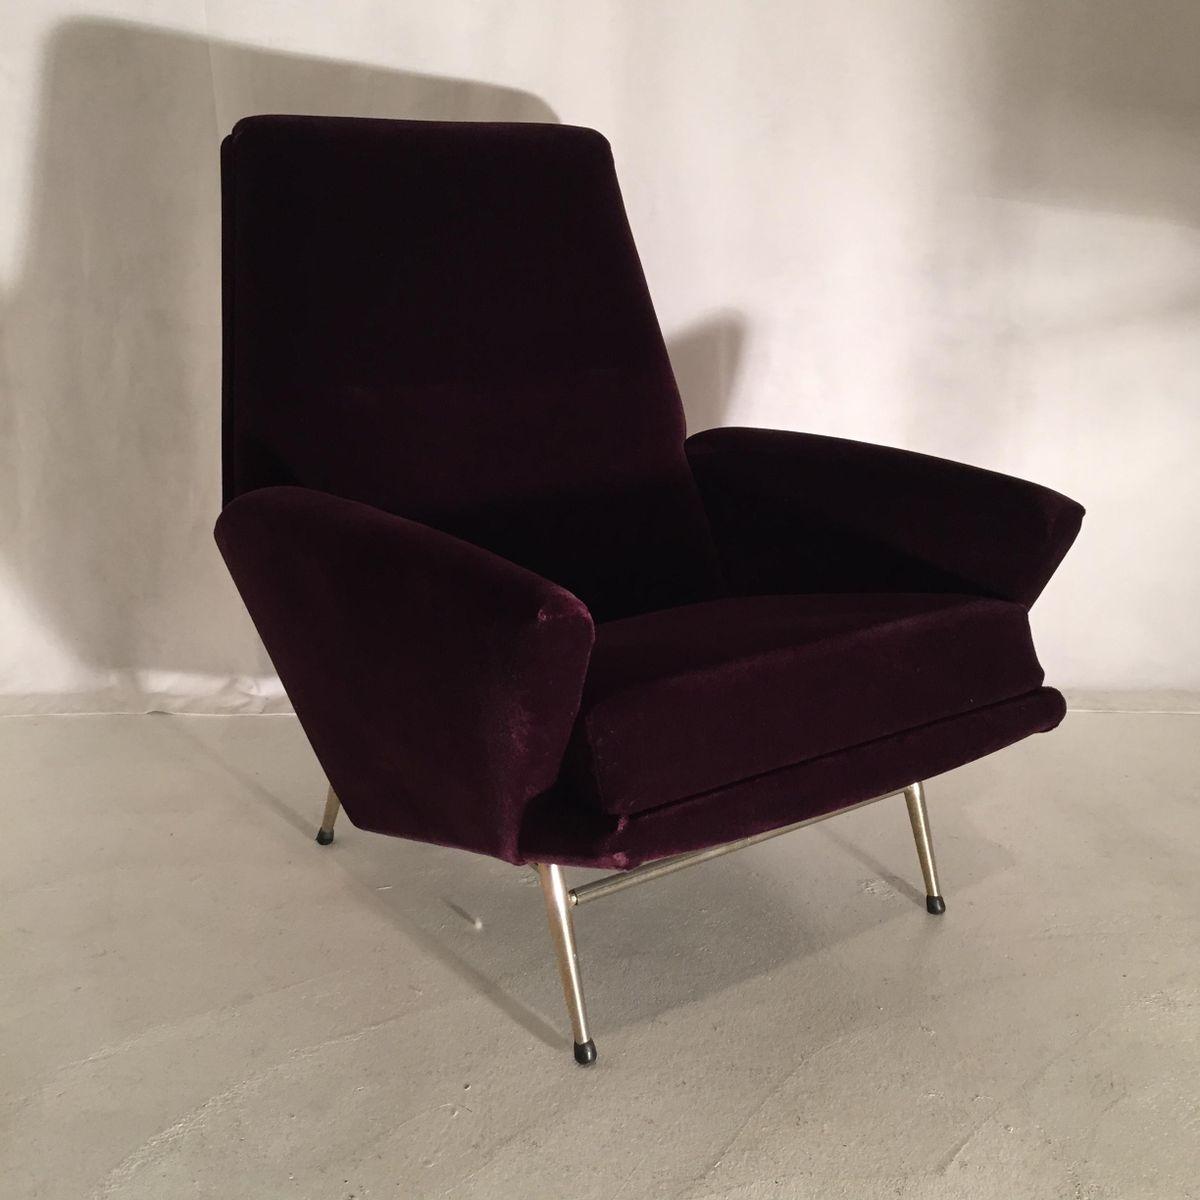 franz sischer mid century sessel von guy besnard bei pamono kaufen. Black Bedroom Furniture Sets. Home Design Ideas